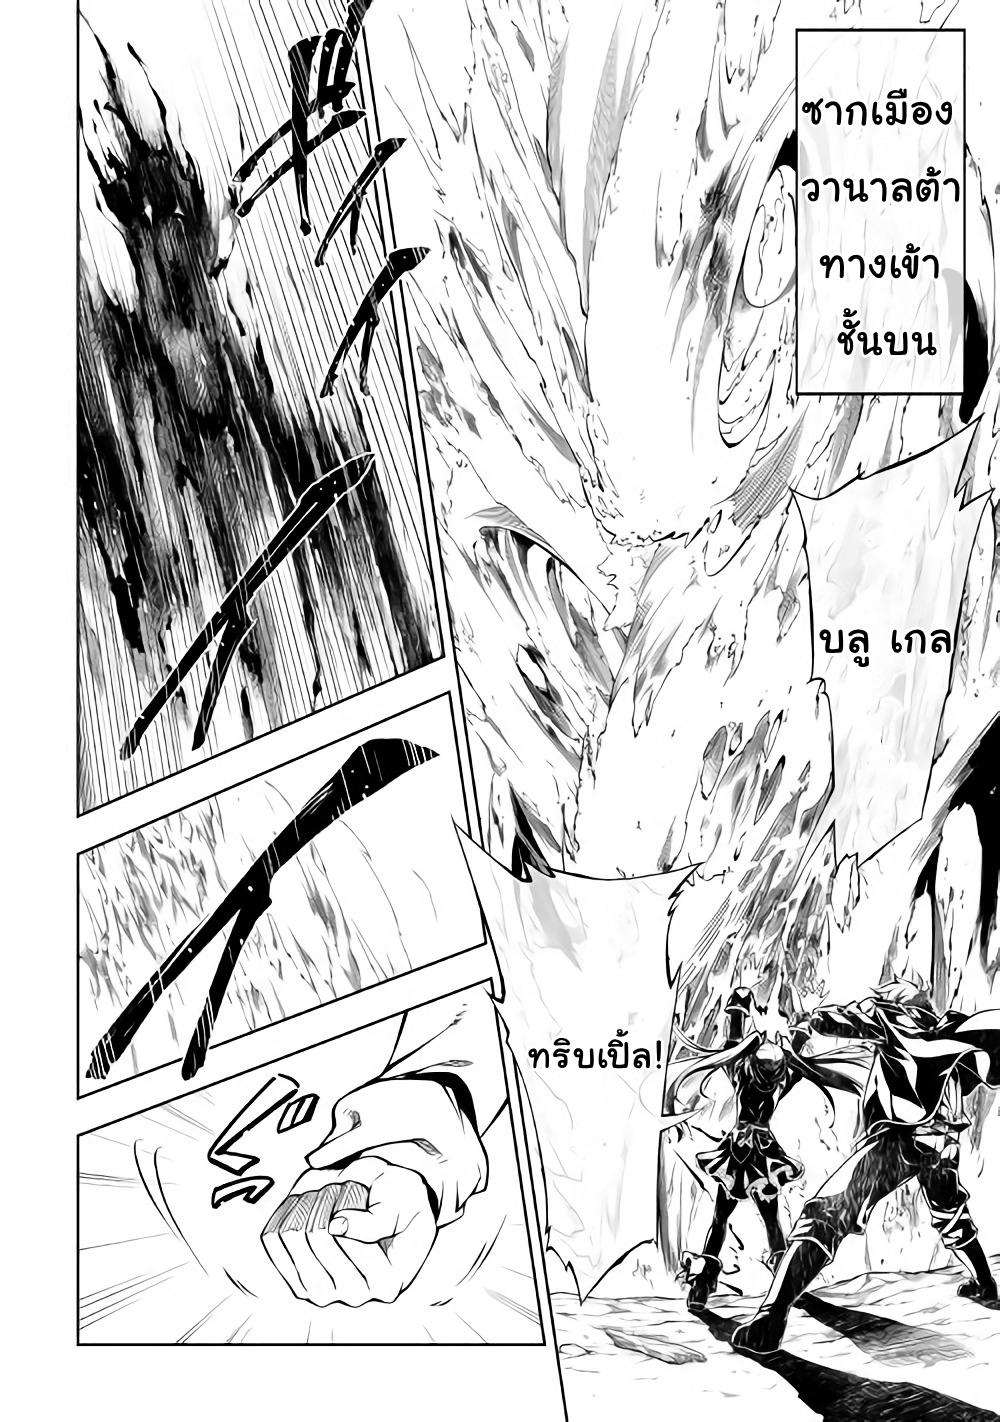 อ่านการ์ตูน Kouritsu Kuriya Madoushi, Dani no Jinsei de Madou o Kiwameru ตอนที่ 29 กระสุนเวทย์มนตร์ที่ชั่วร้าย หน้า 2